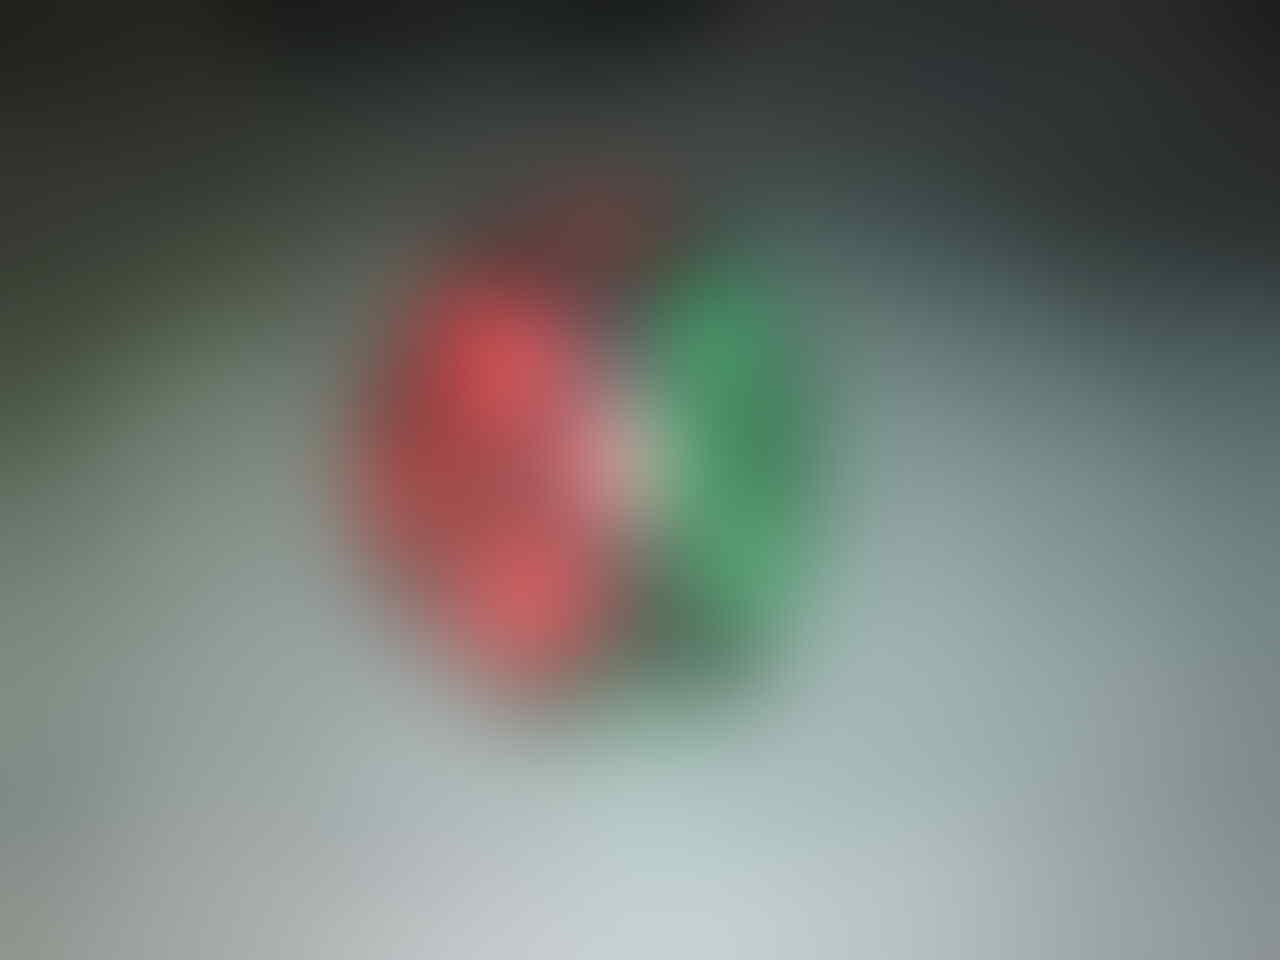 WTS cuci gudang koleksi Rubik murah